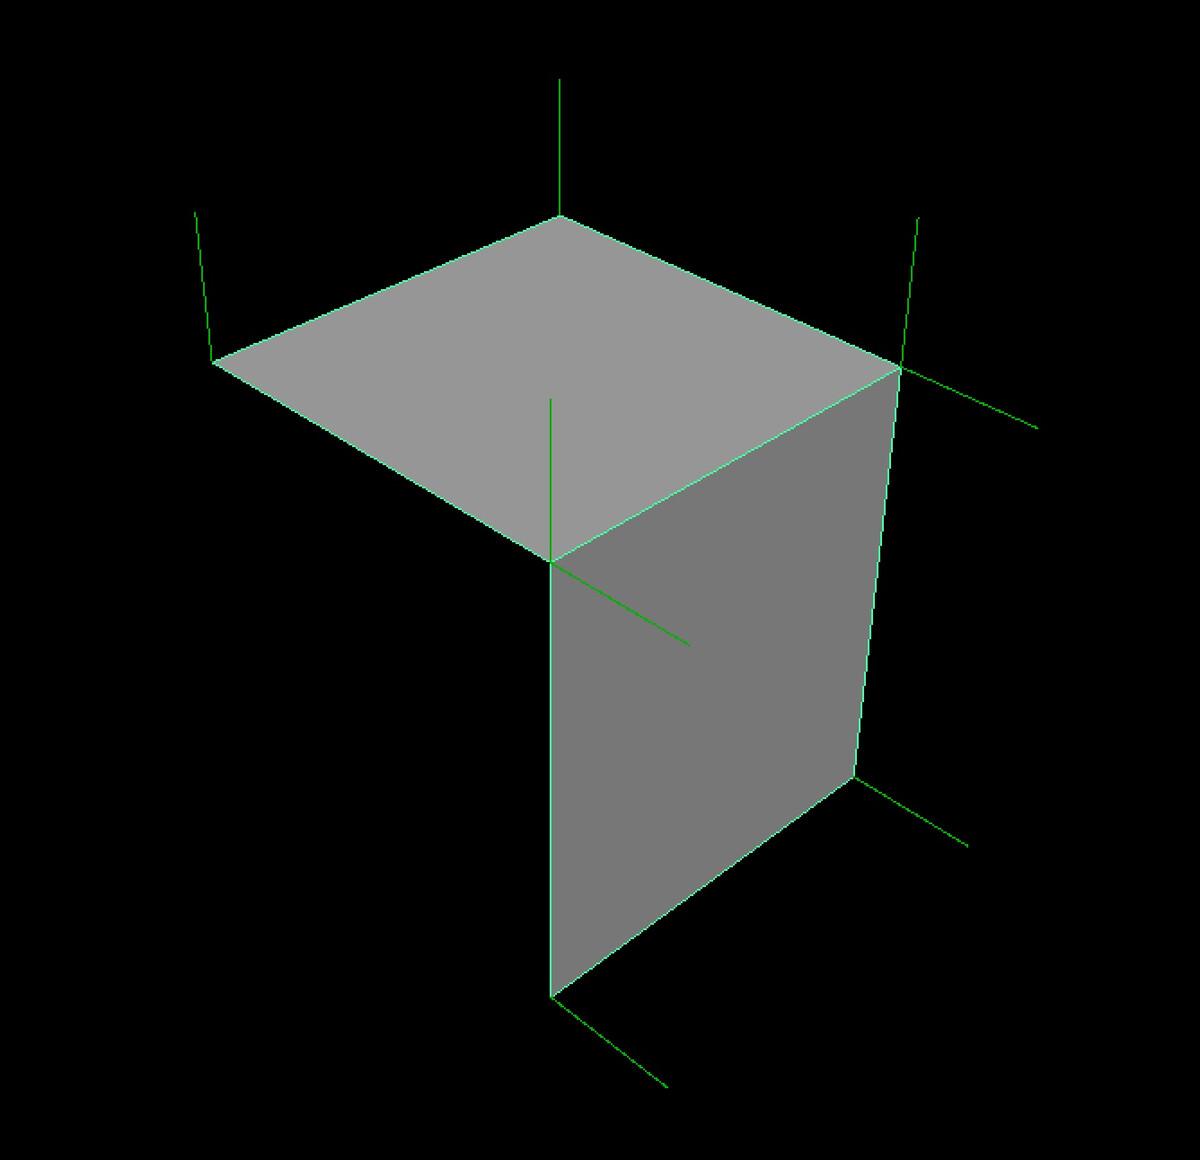 ZVLIc8_knO8-2.jpg